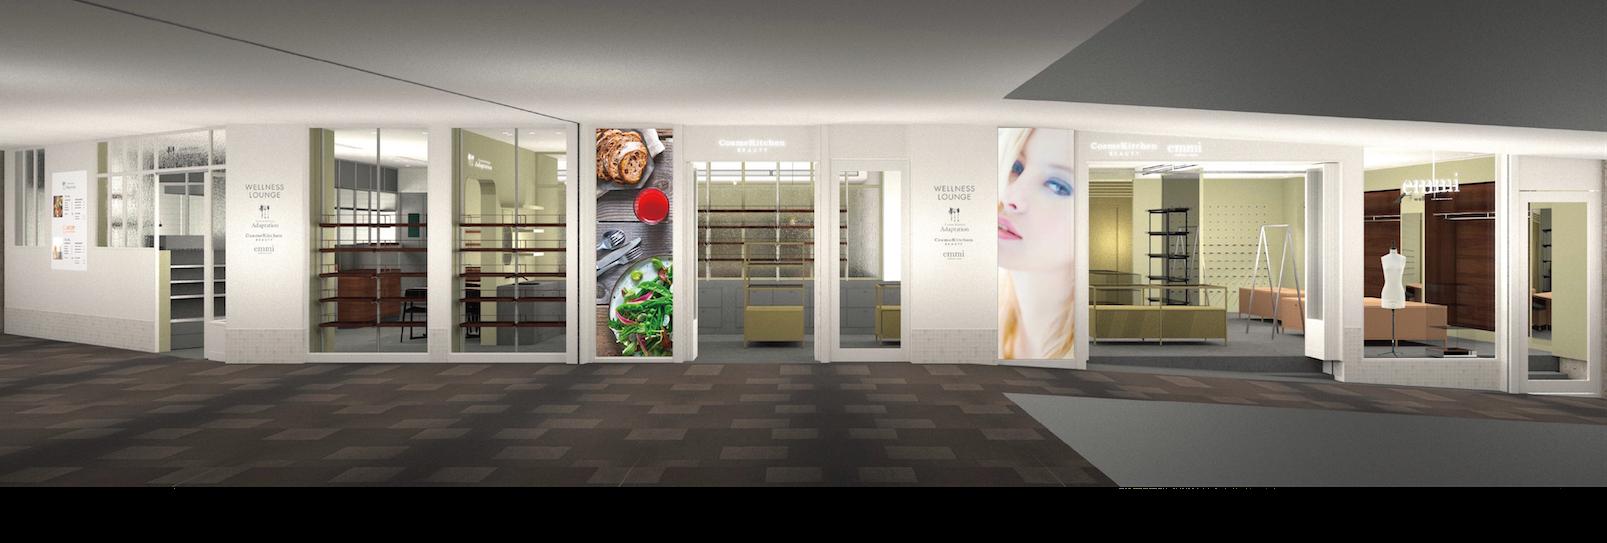 表参道ヒルズにウェルネス&ビューティーのコンセプトスペース『ウェルネス ラウンジ』がオープン! 鈴木えみさんコラボメニューも♡_1